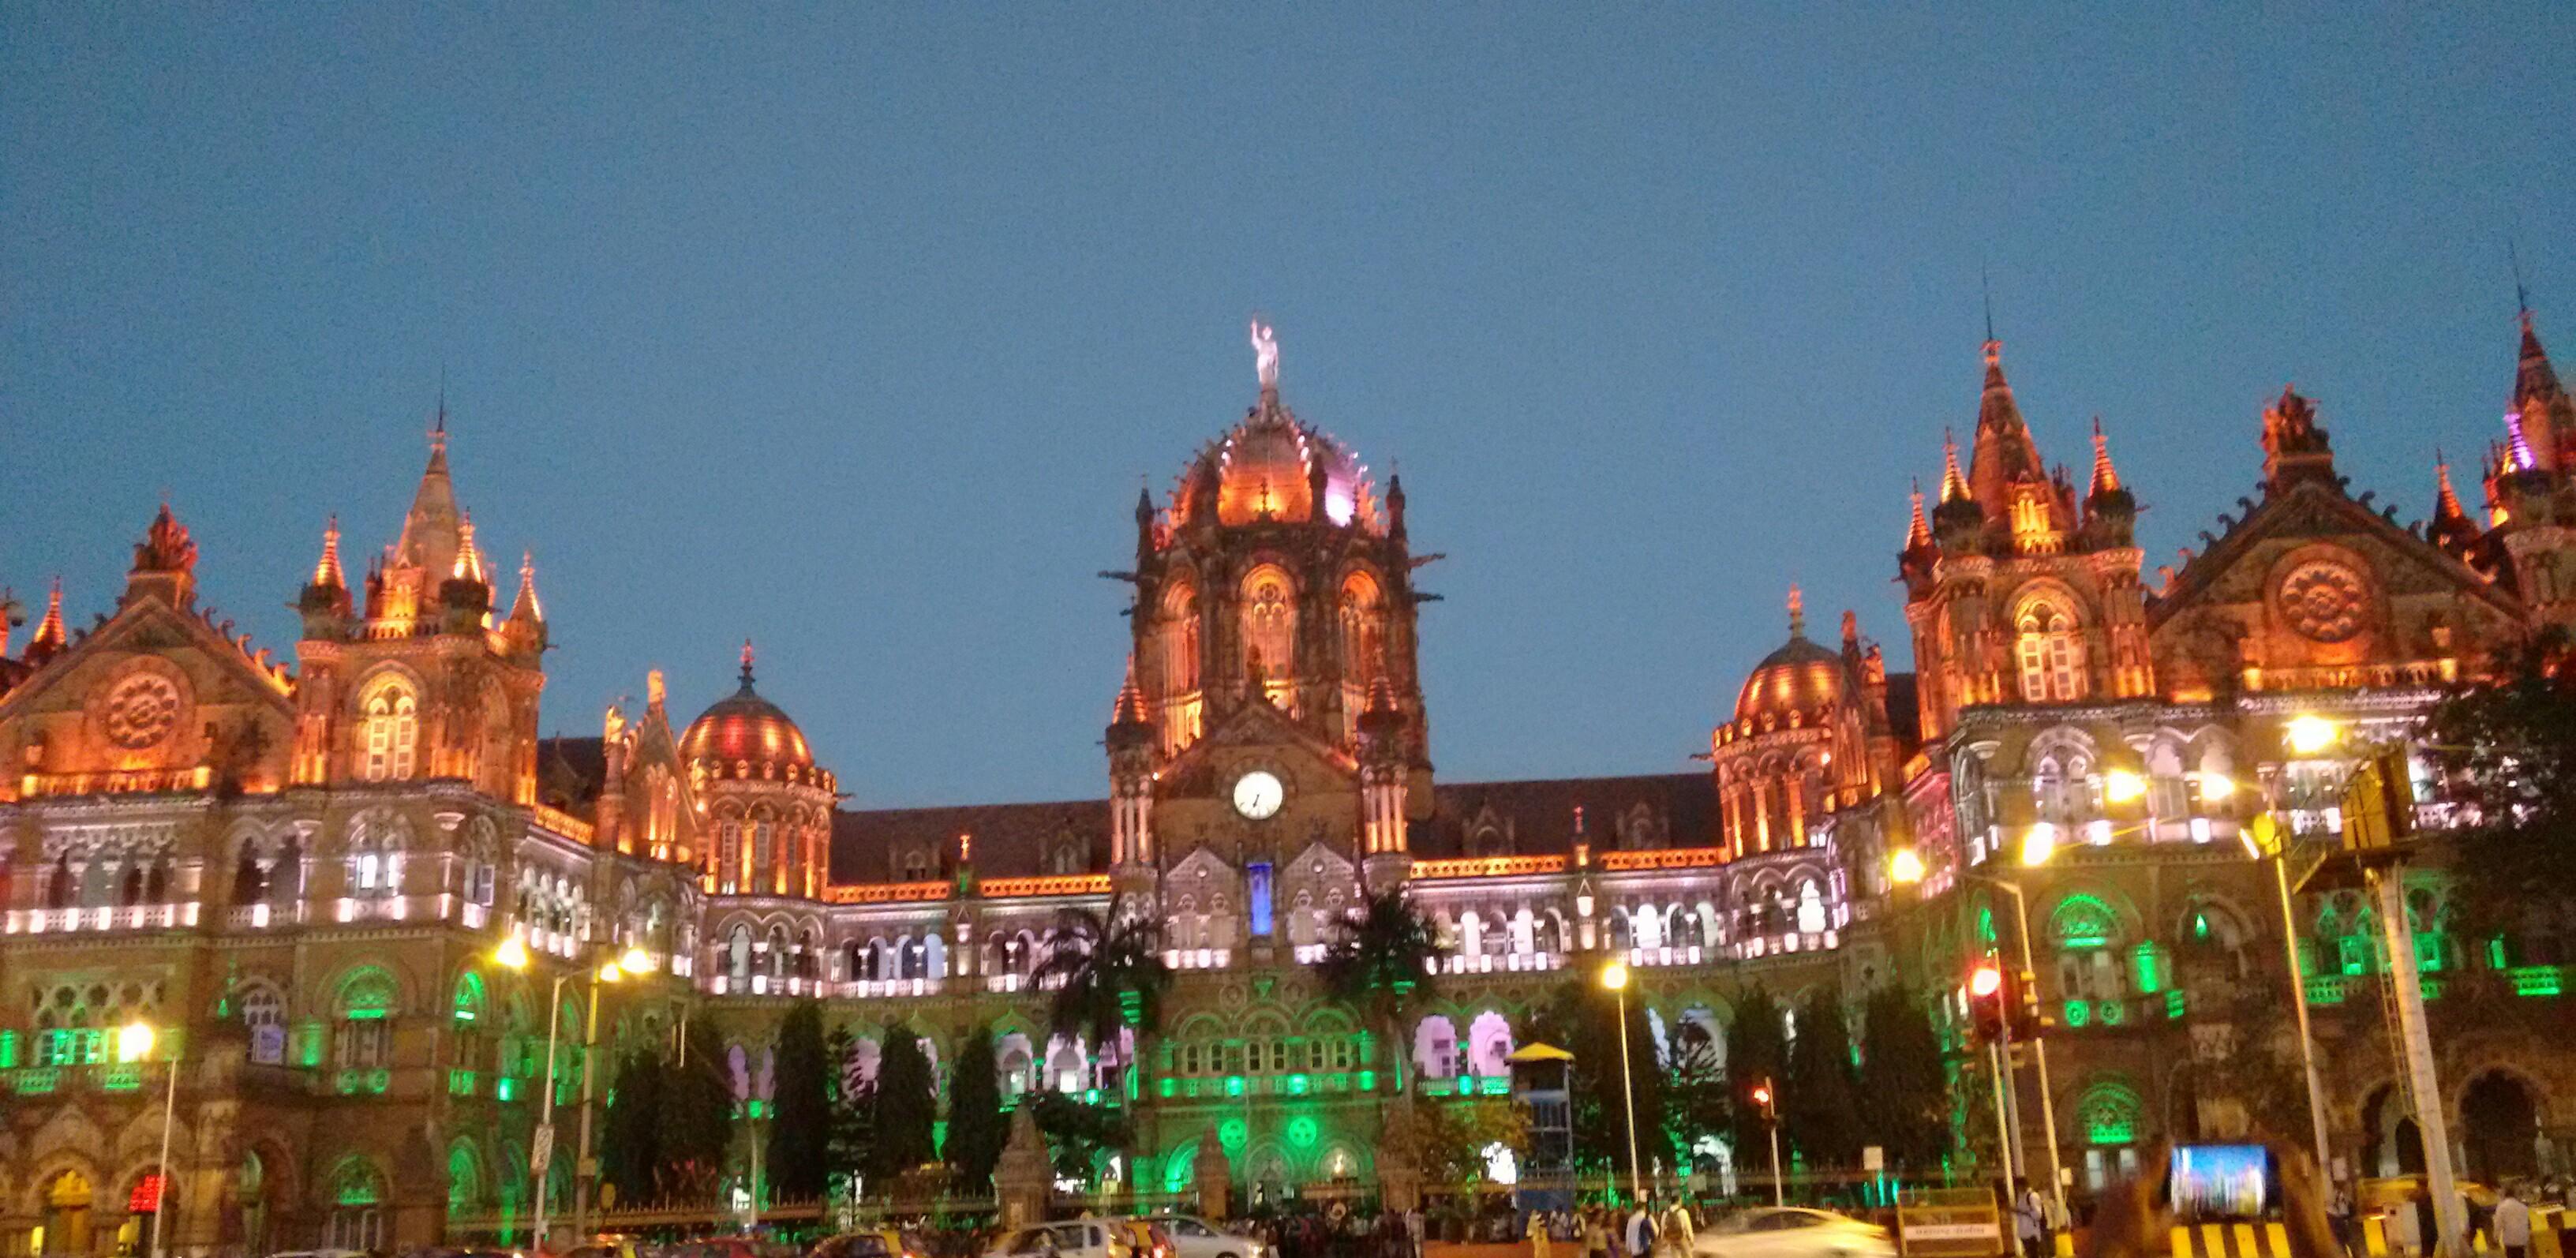 Chhatrapati Shivaji Terminus - Wikipedia